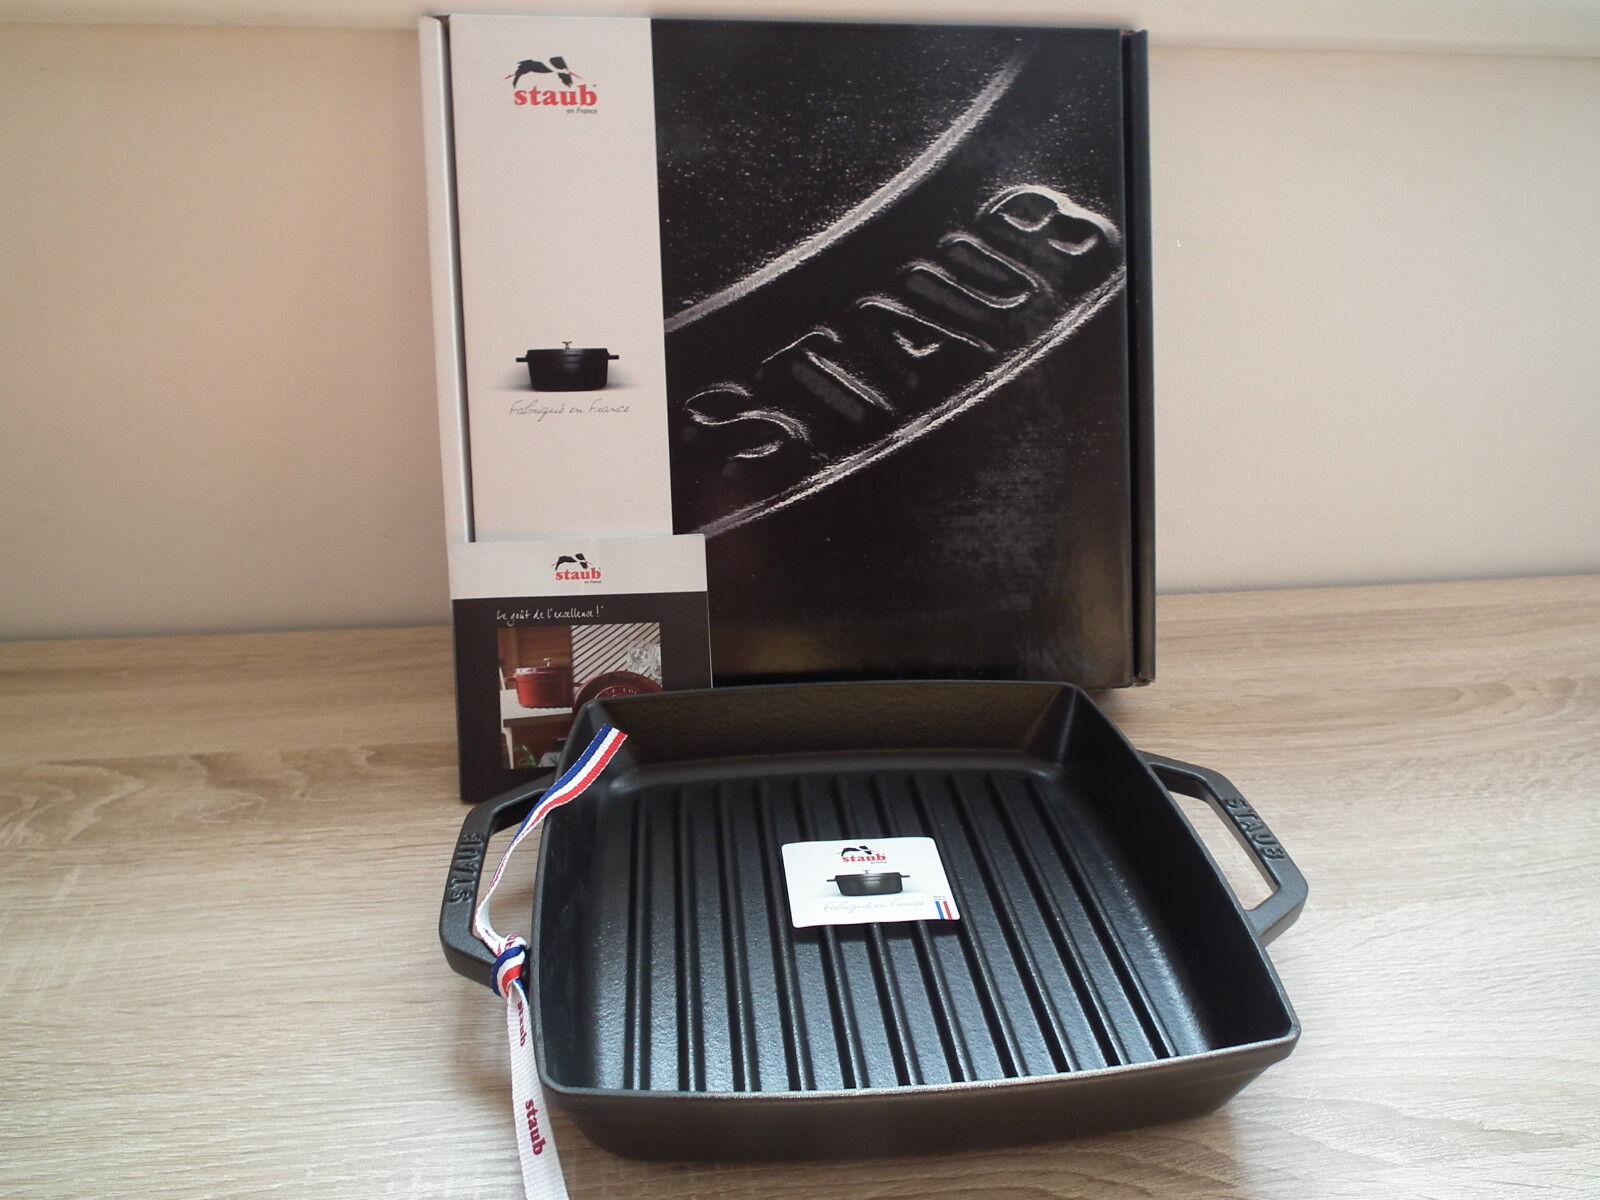 STAUB Grillpfanne quadratisch 33 x 33 cm Gusseisen Pfanne Steakpfanne noir